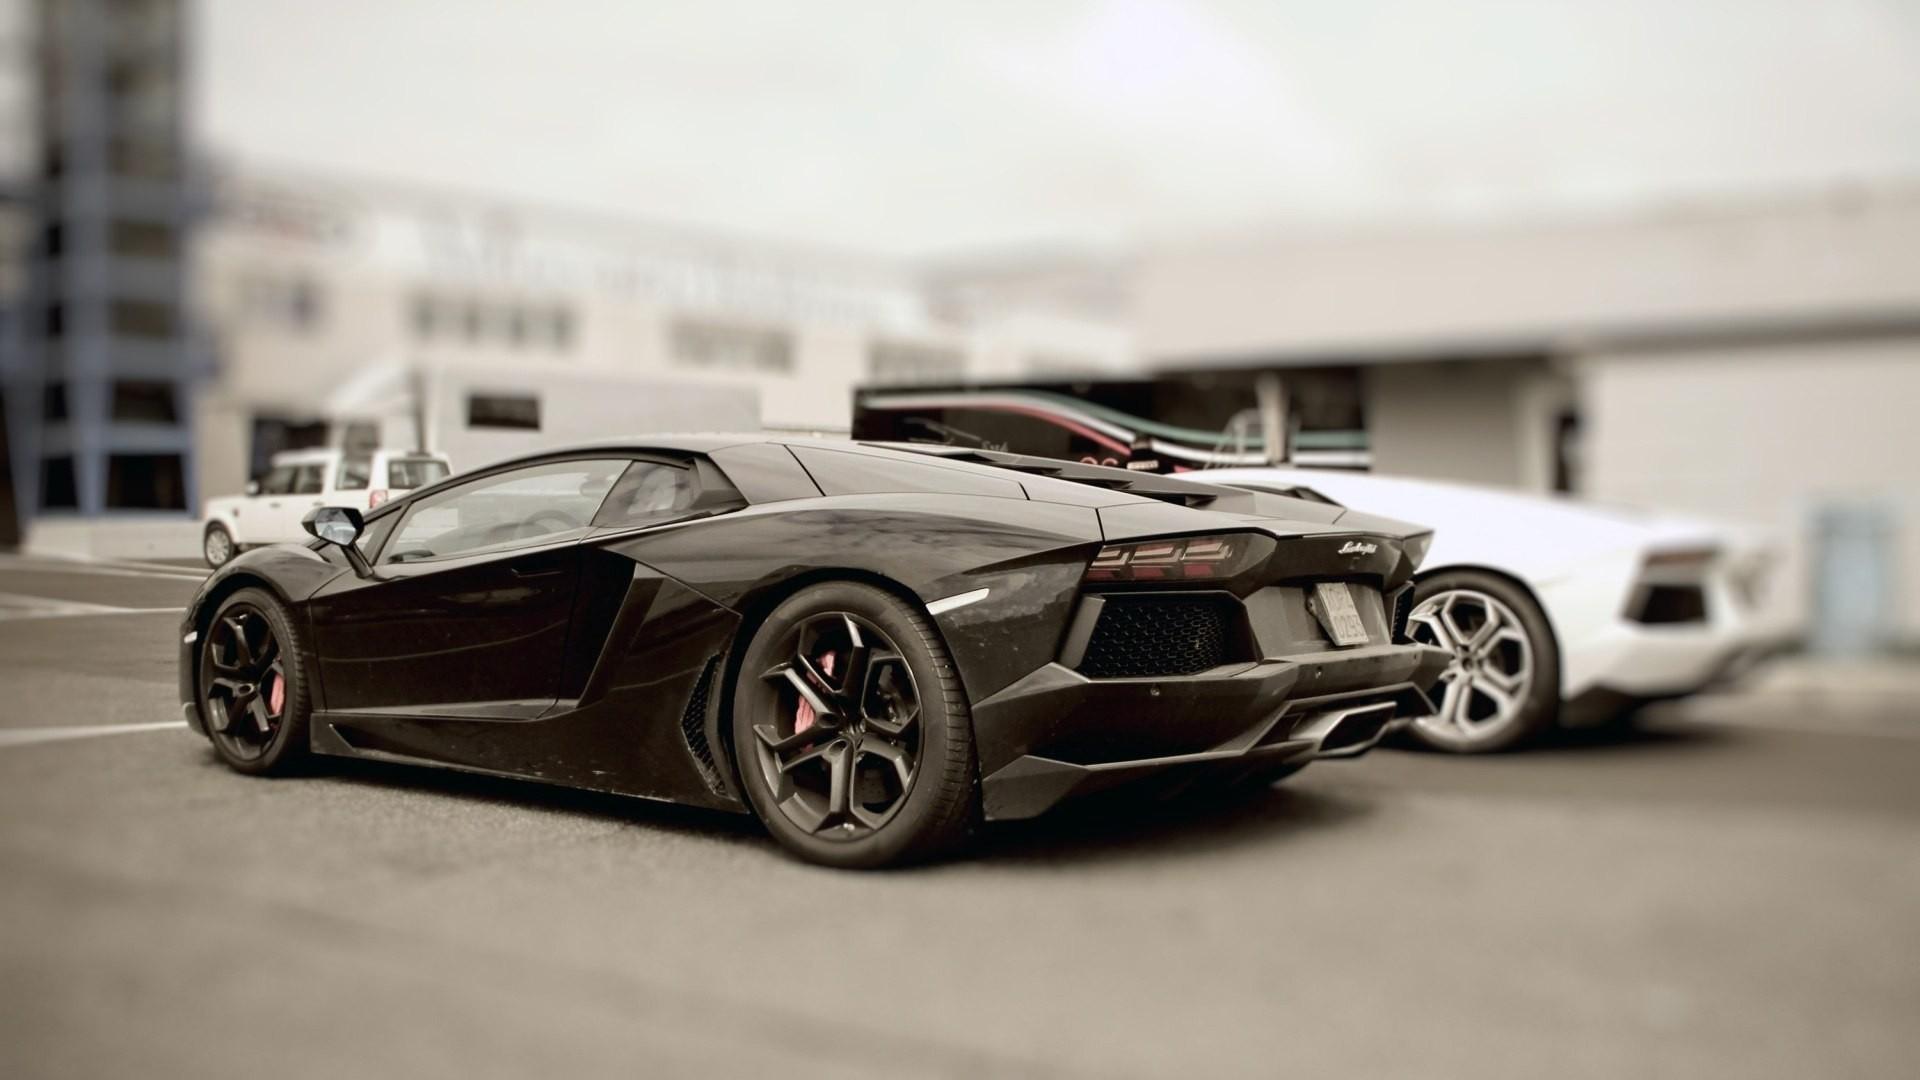 Wallpaper Black Stylish Cars Lamborghini 1920x1080